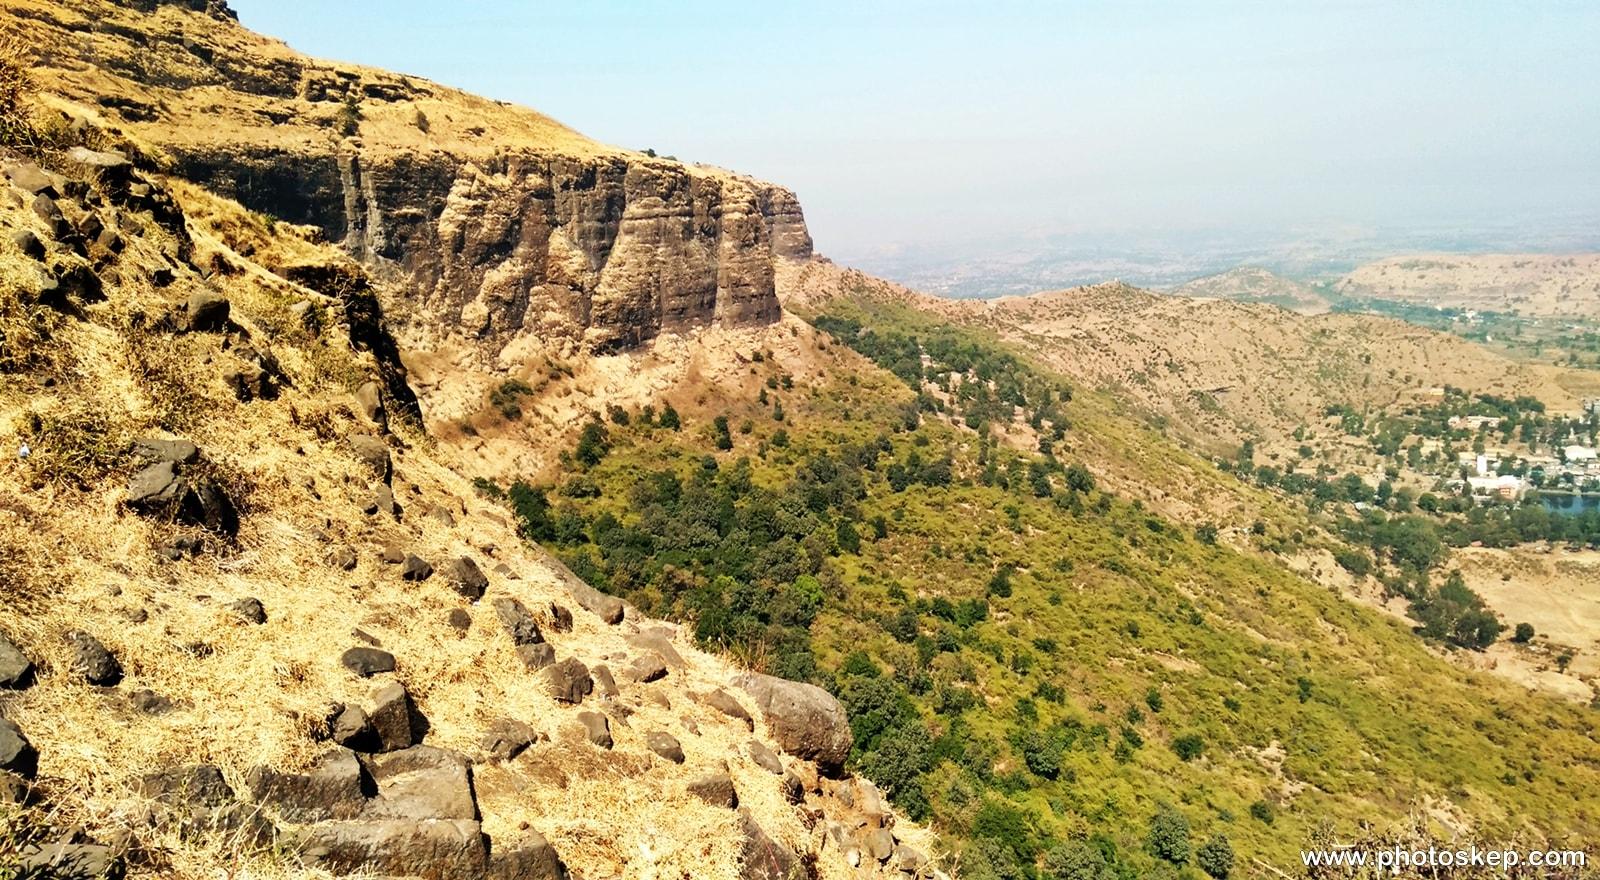 brahmagiri-hills-nasik-mountain-hills-photo-pictures-wallpaper-free